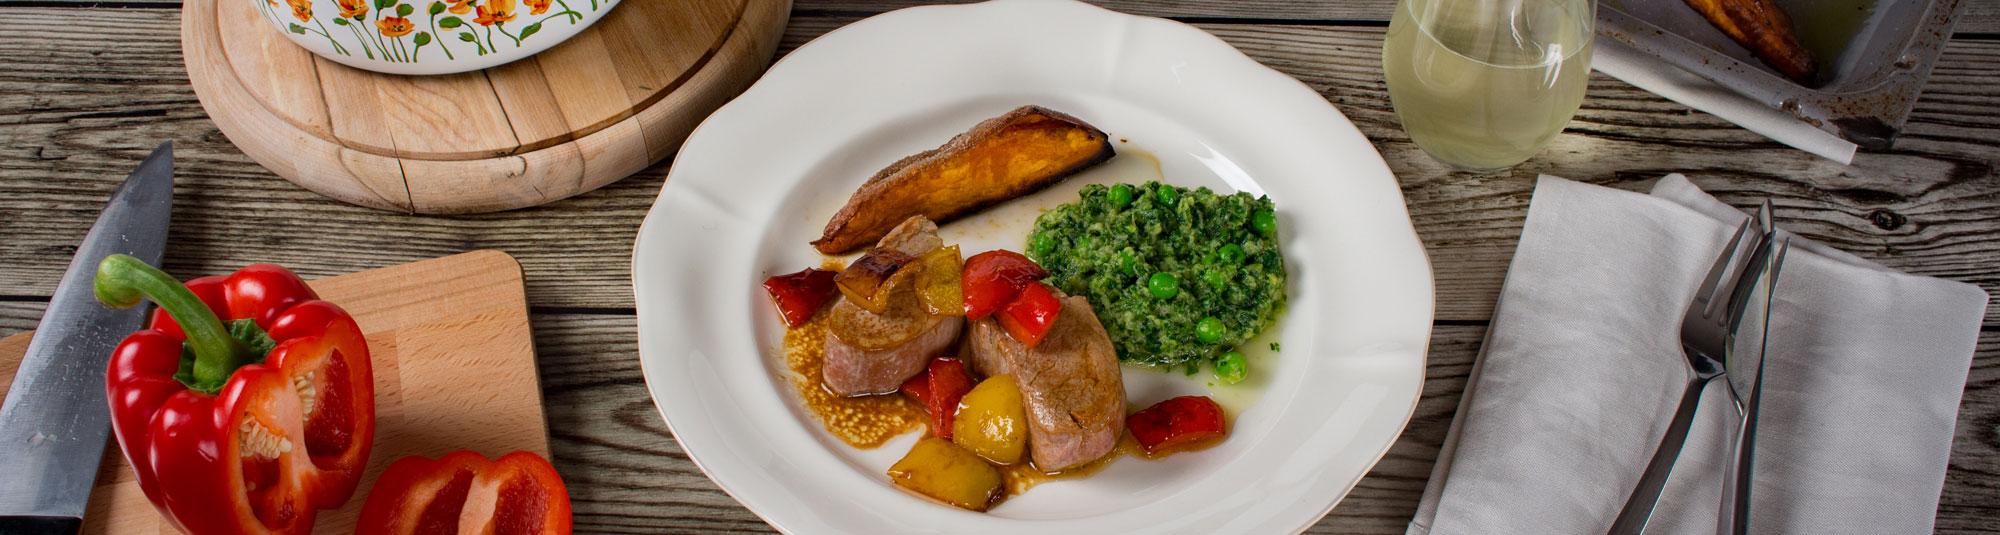 Iglo Rezept für Schweinefilet mit Kochsalat und Süßkartoffel